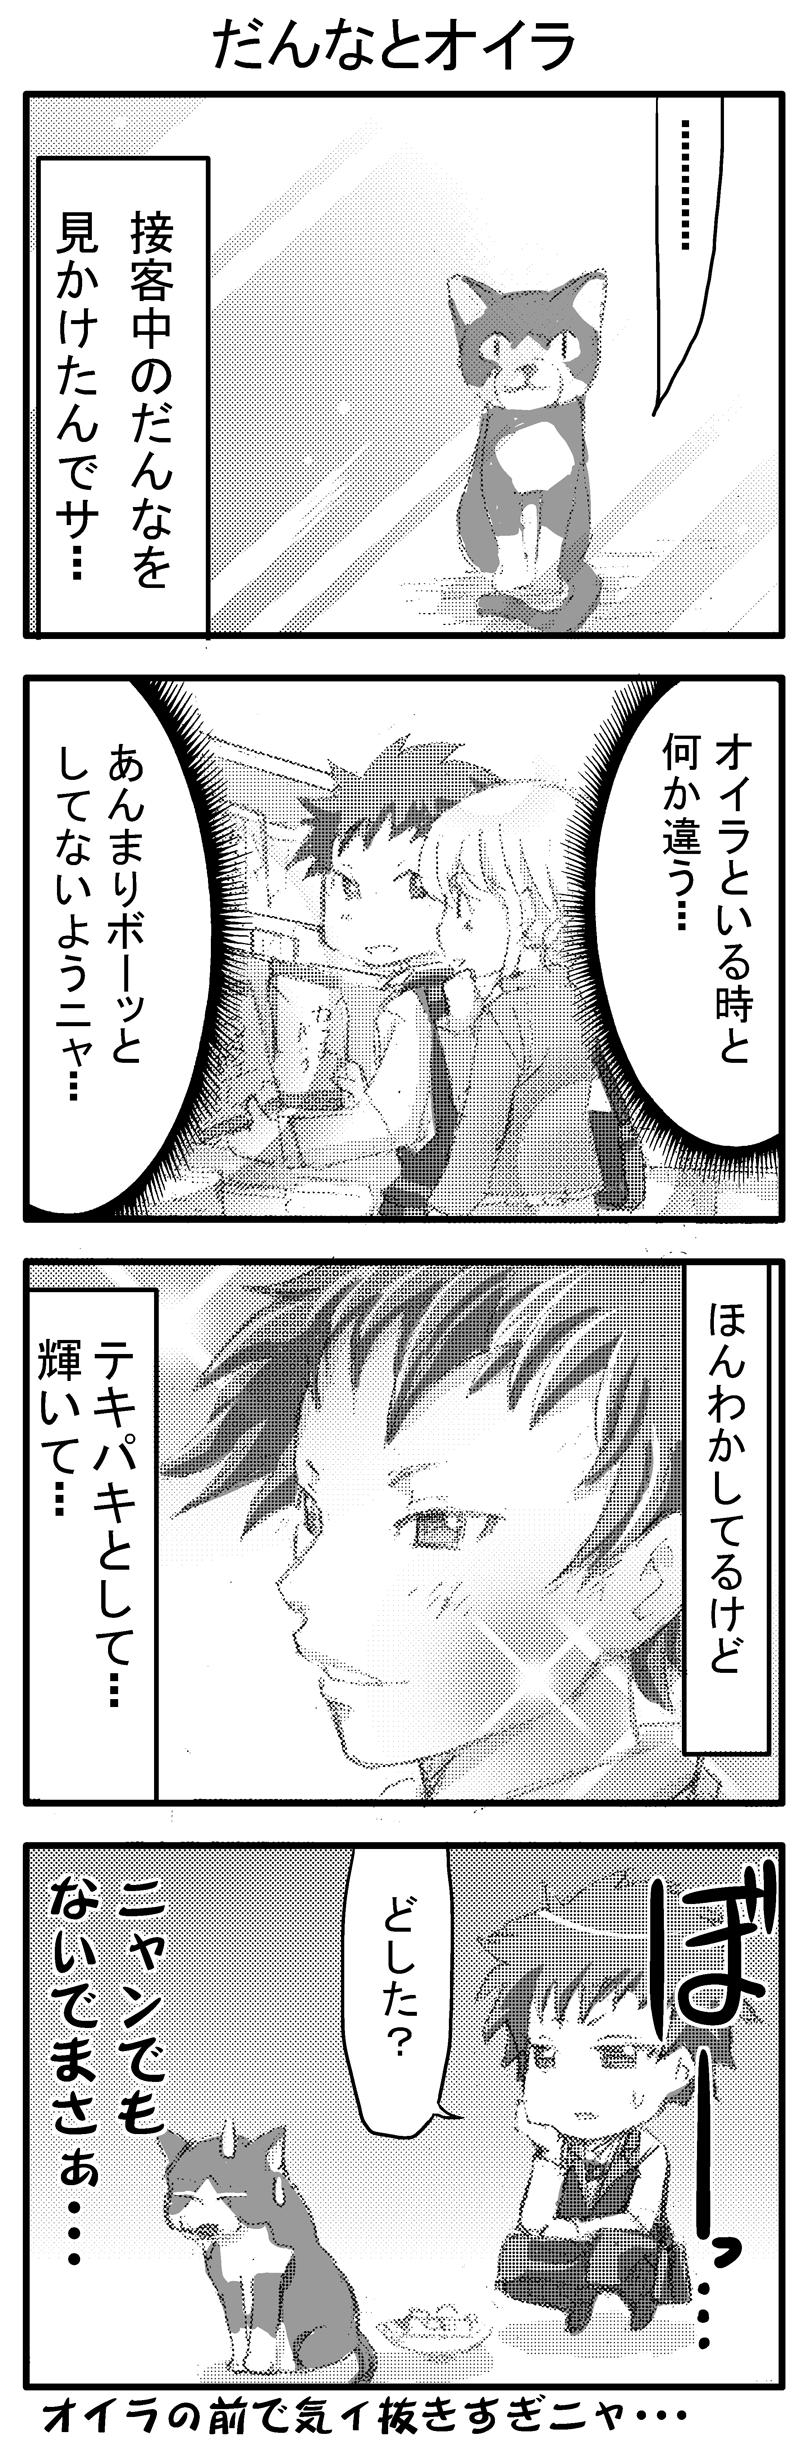 イケメンスーパー05